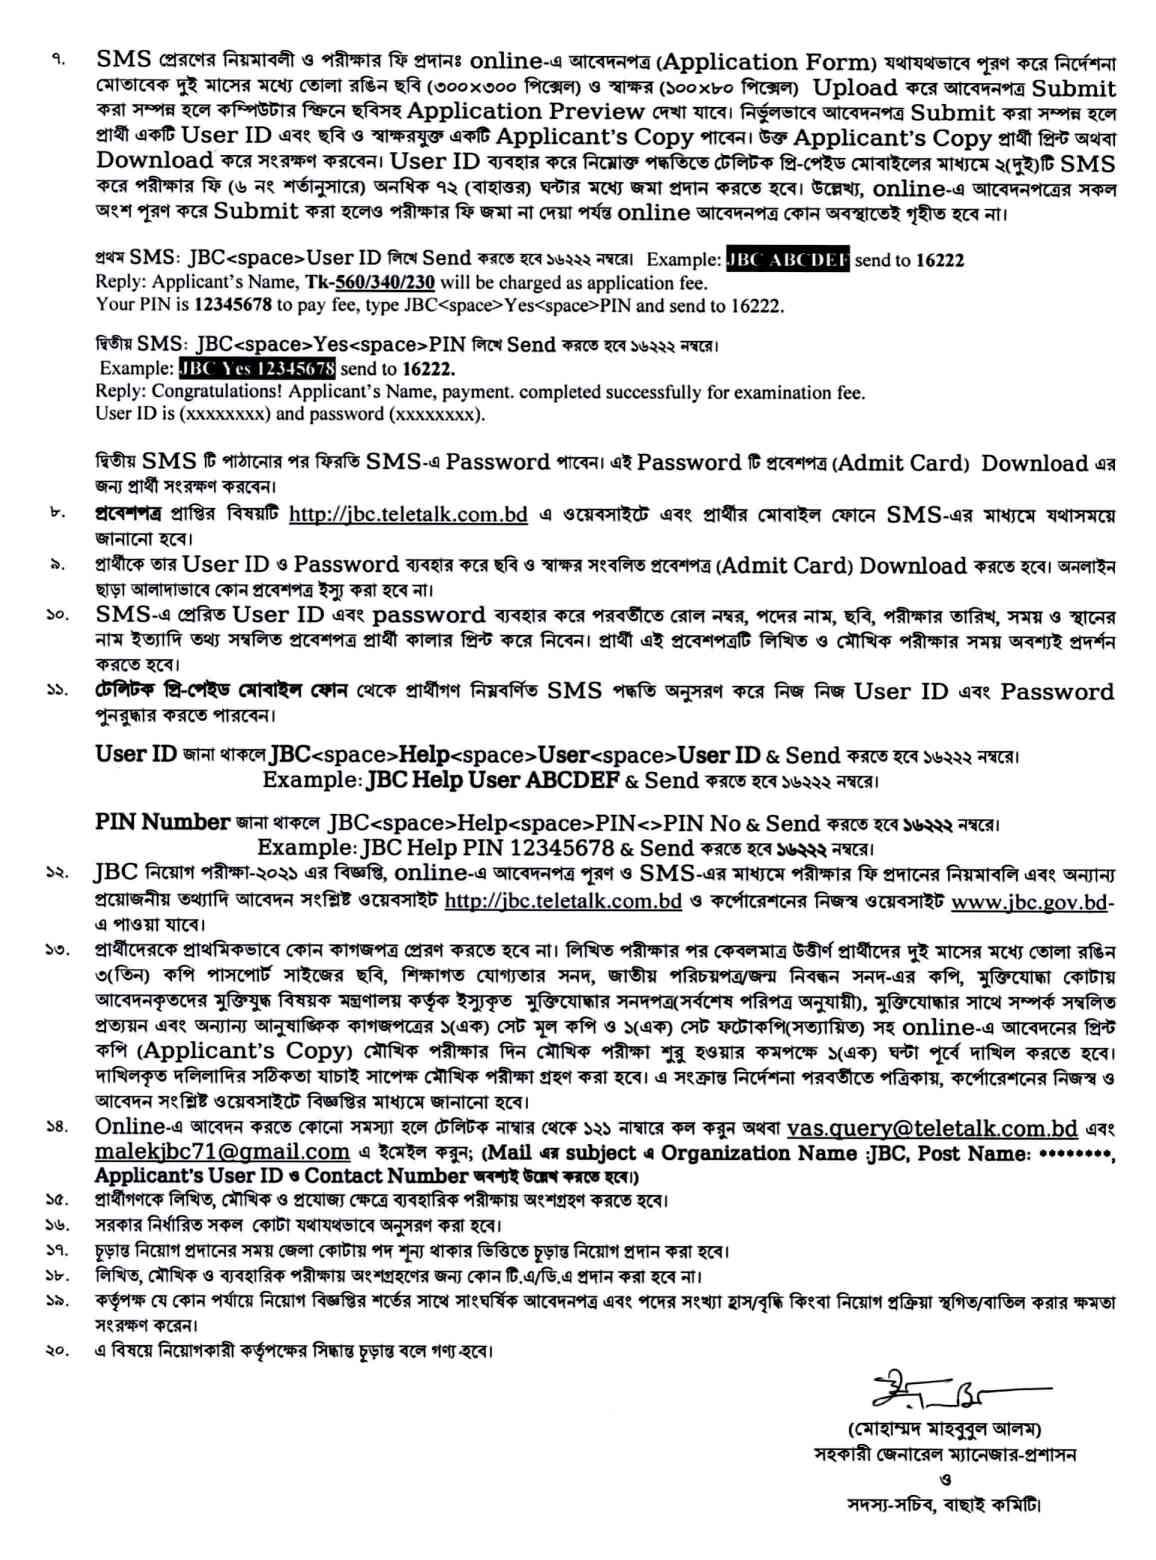 জীবন বীমা কর্পোরেশন নিয়োগ বিজ্ঞপ্তি ২০২১, জীবন বীমা কর্পোরেশন নিয়োগ বিজ্ঞপ্তি 2021, জীবন বীমা কর্পোরেশন নিয়োগ বিজ্ঞপ্তি, জীবন বীমা কর্পোরেশন চাকরির খবর ২০২১, জীবন বীমা কর্পোরেশন জব সার্কুলার 2021, জীবন বীমা কর্পোরেশন নিয়োগ, জীবন বীমা কর্পোরেশন জীবন বীমা কর্পোরেশন চাকরি, জীবন বীমা কর্পোরেশন চাকরির আবেদন, Jiban Bima Corporation JBC Job Circular 2021, JBC Job Circular 2021, JBC Job Circular, JBC job vacancy, JBC job application, JBC job opportunities, JBC job advertisement, jbc.teletalk.com.bd apply,